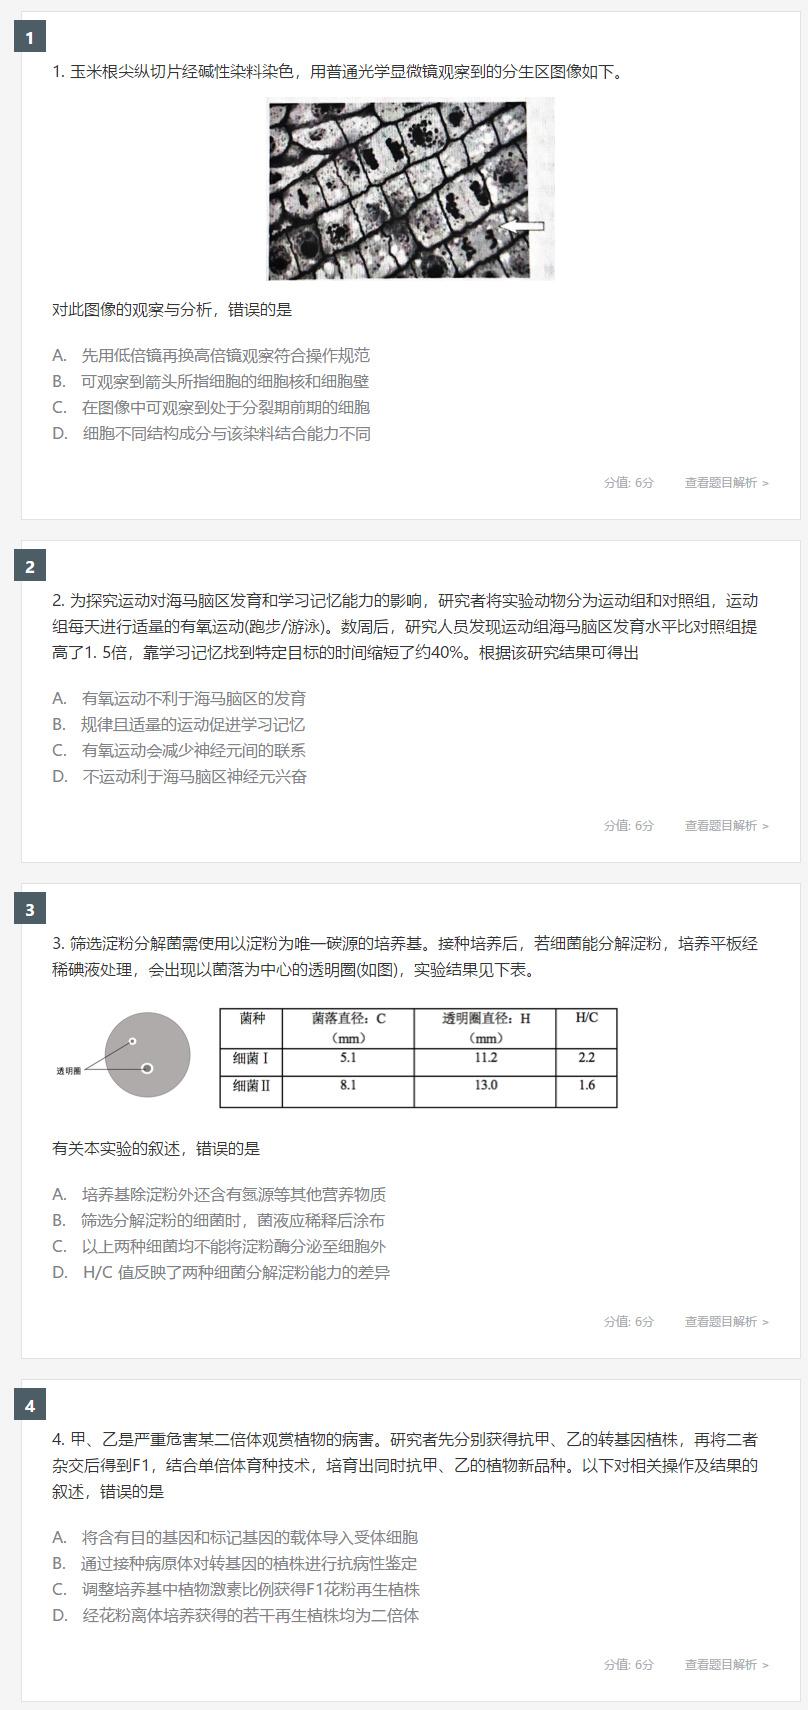 2019北京高考理综试题(网友回忆版)